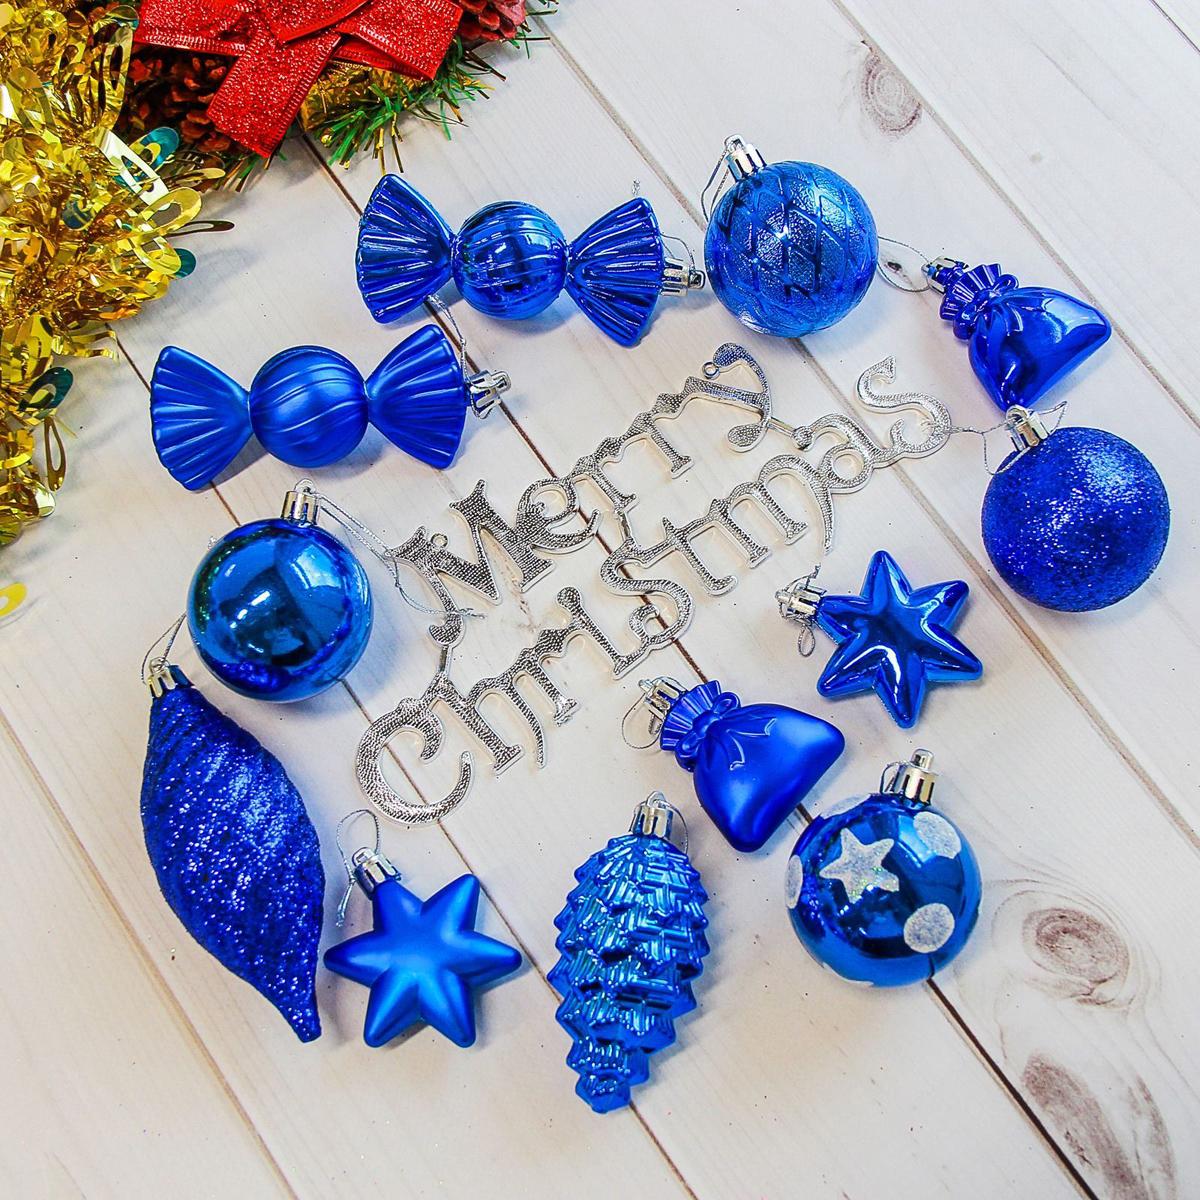 Набор новогодних подвесных украшений Sima-land Модэсто, цвет: синий, 35 шт2178268Набор новогодних подвесных украшений Sima-land отлично подойдет для декорации вашего дома и новогодней ели. С помощью специальной петельки украшение можно повесить в любом понравившемся вам месте. Но, конечно, удачнее всего оно будет смотреться на праздничной елке. Елочная игрушка - символ Нового года. Она несет в себе волшебство и красоту праздника. Создайте в своем доме атмосферу веселья и радости, украшая новогоднюю елку нарядными игрушками, которые будут из года в год накапливать теплоту воспоминаний.